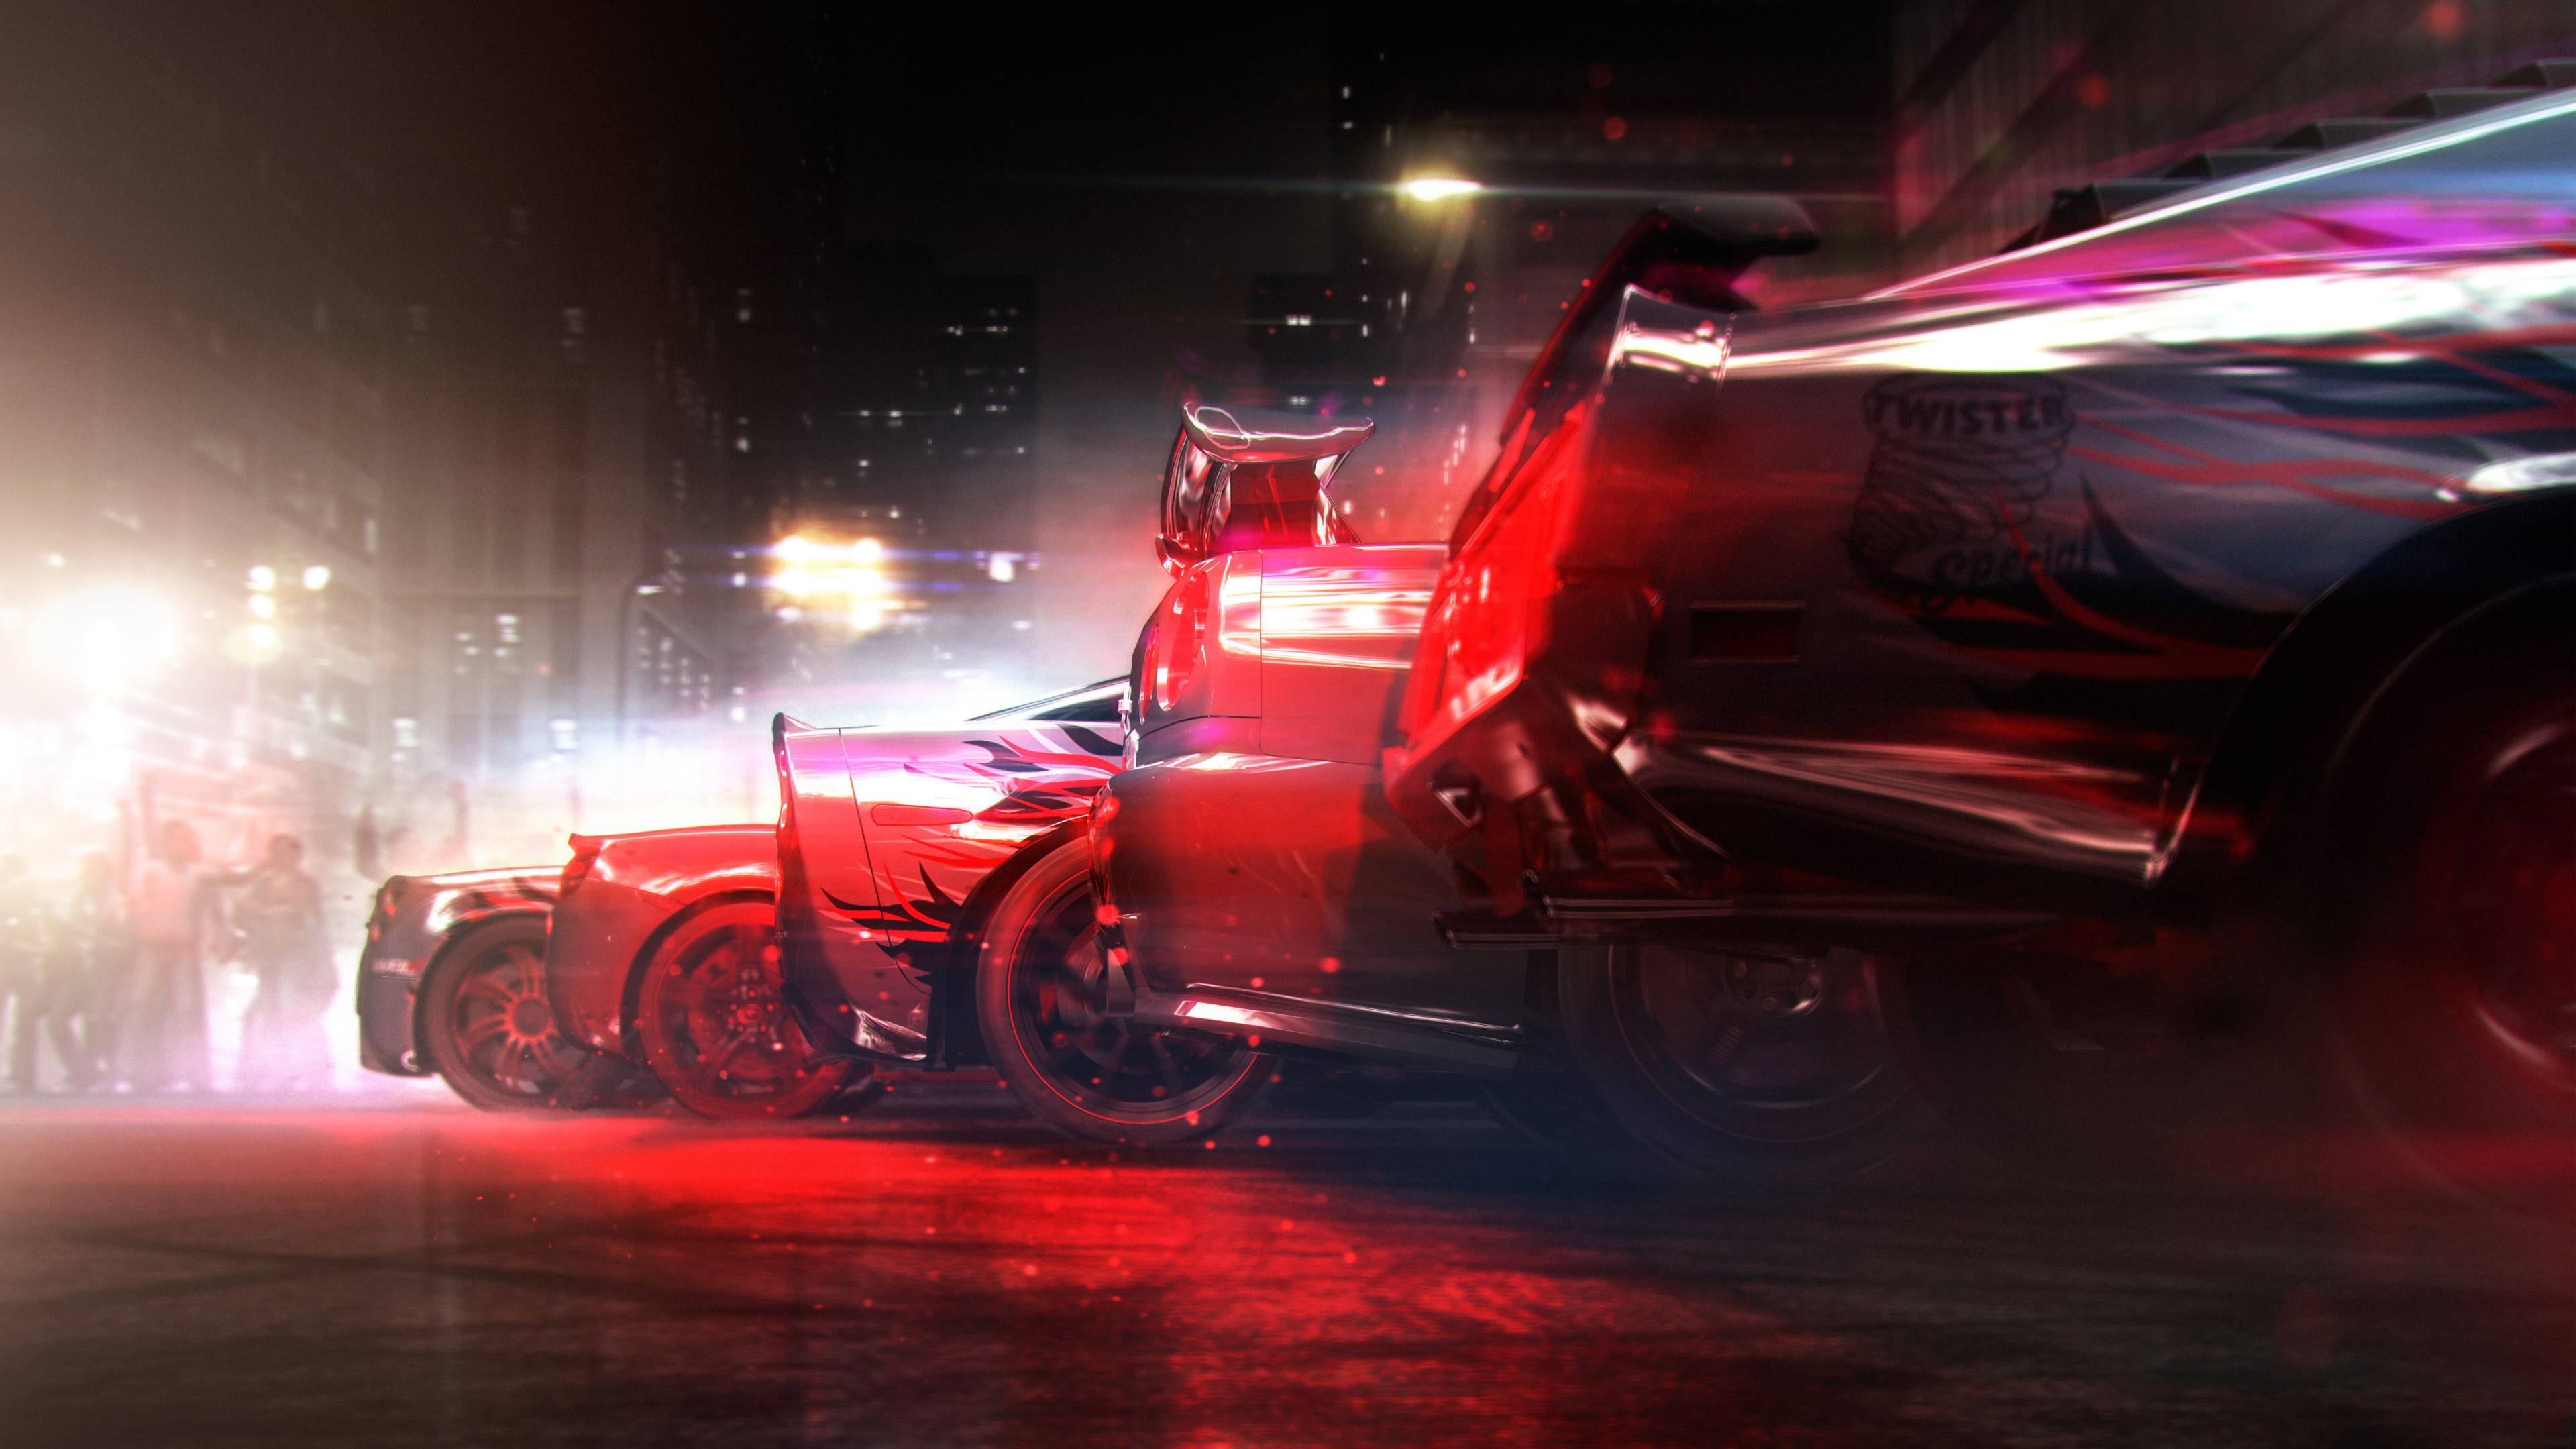 Блестящие гоночные автомобили в красных и неоновых огнях ночных автогонок